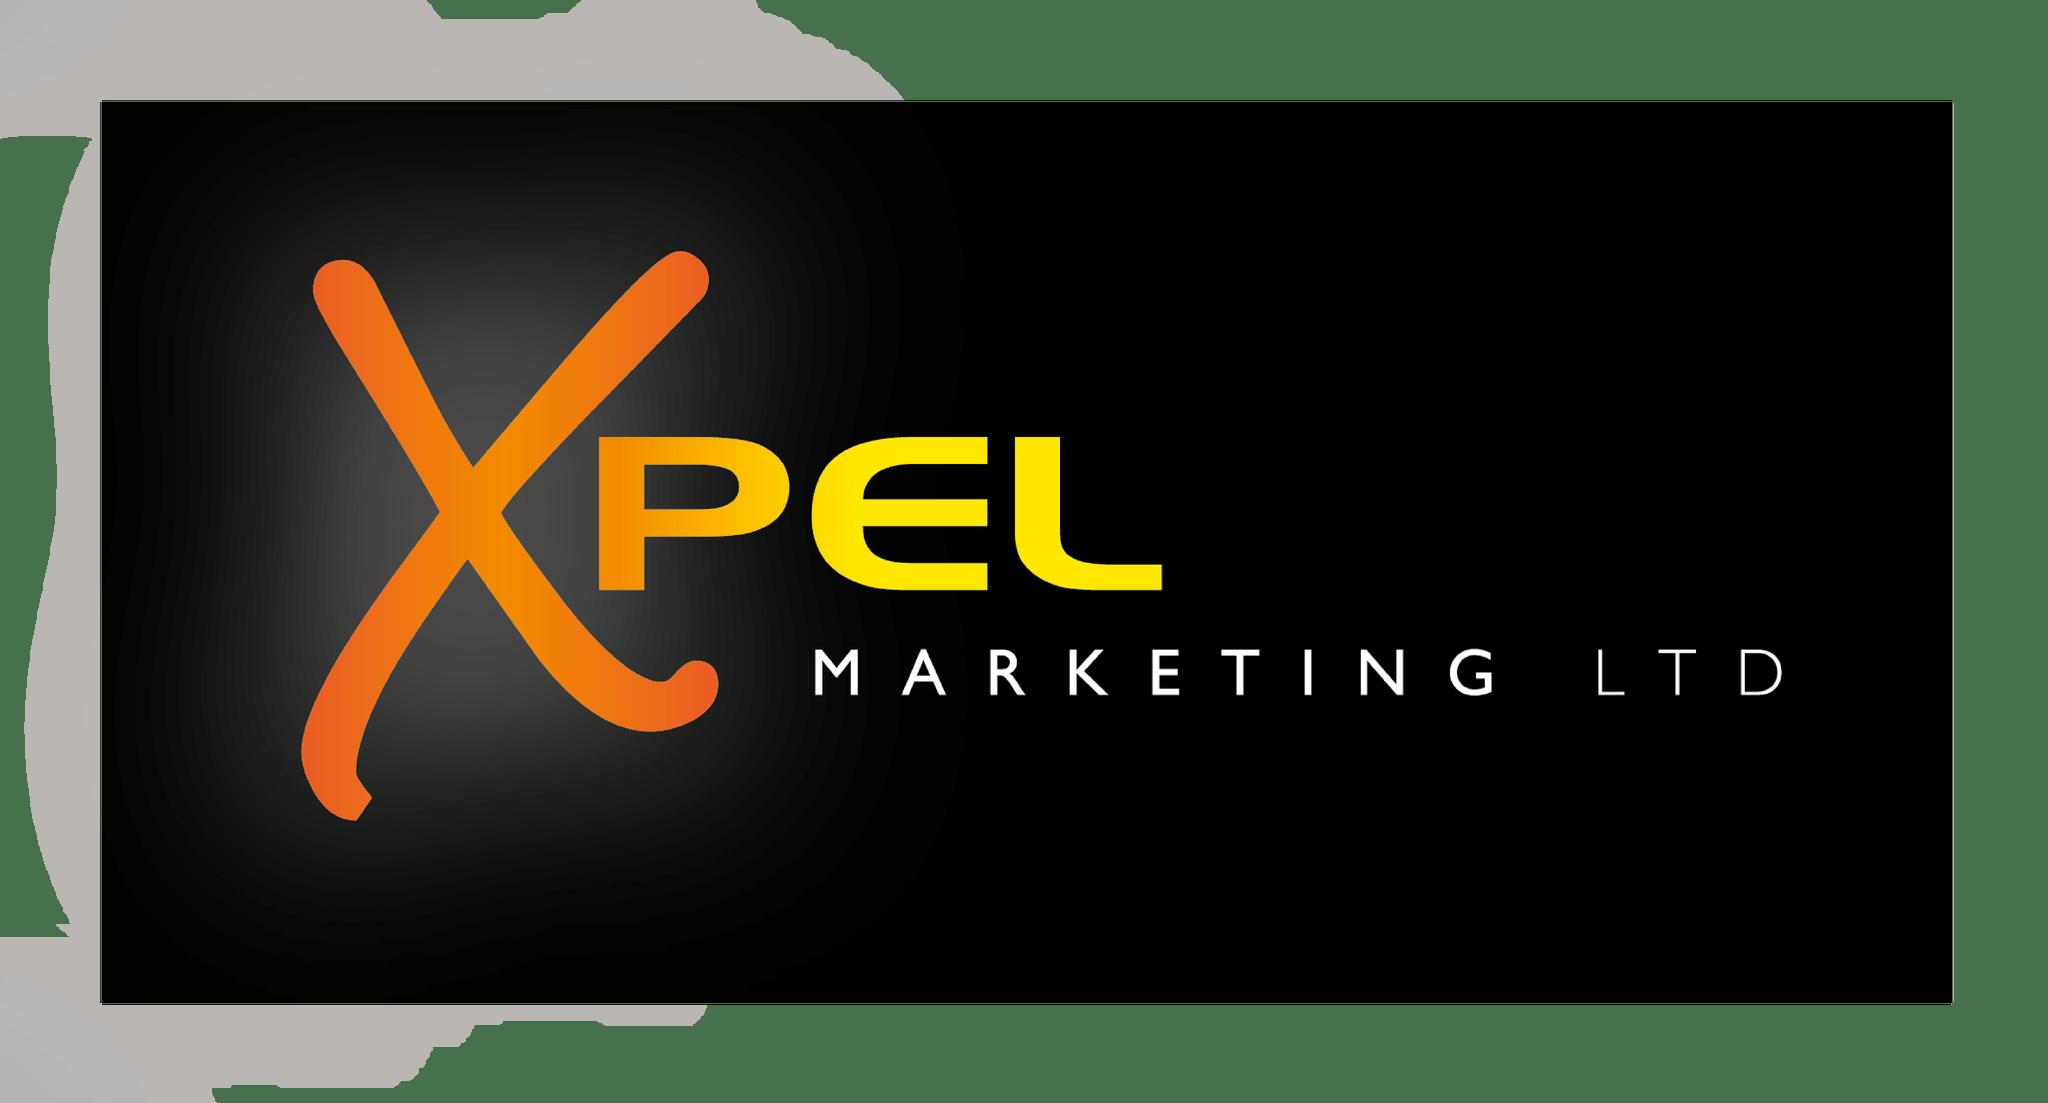 Xpel Marketing Ltd.